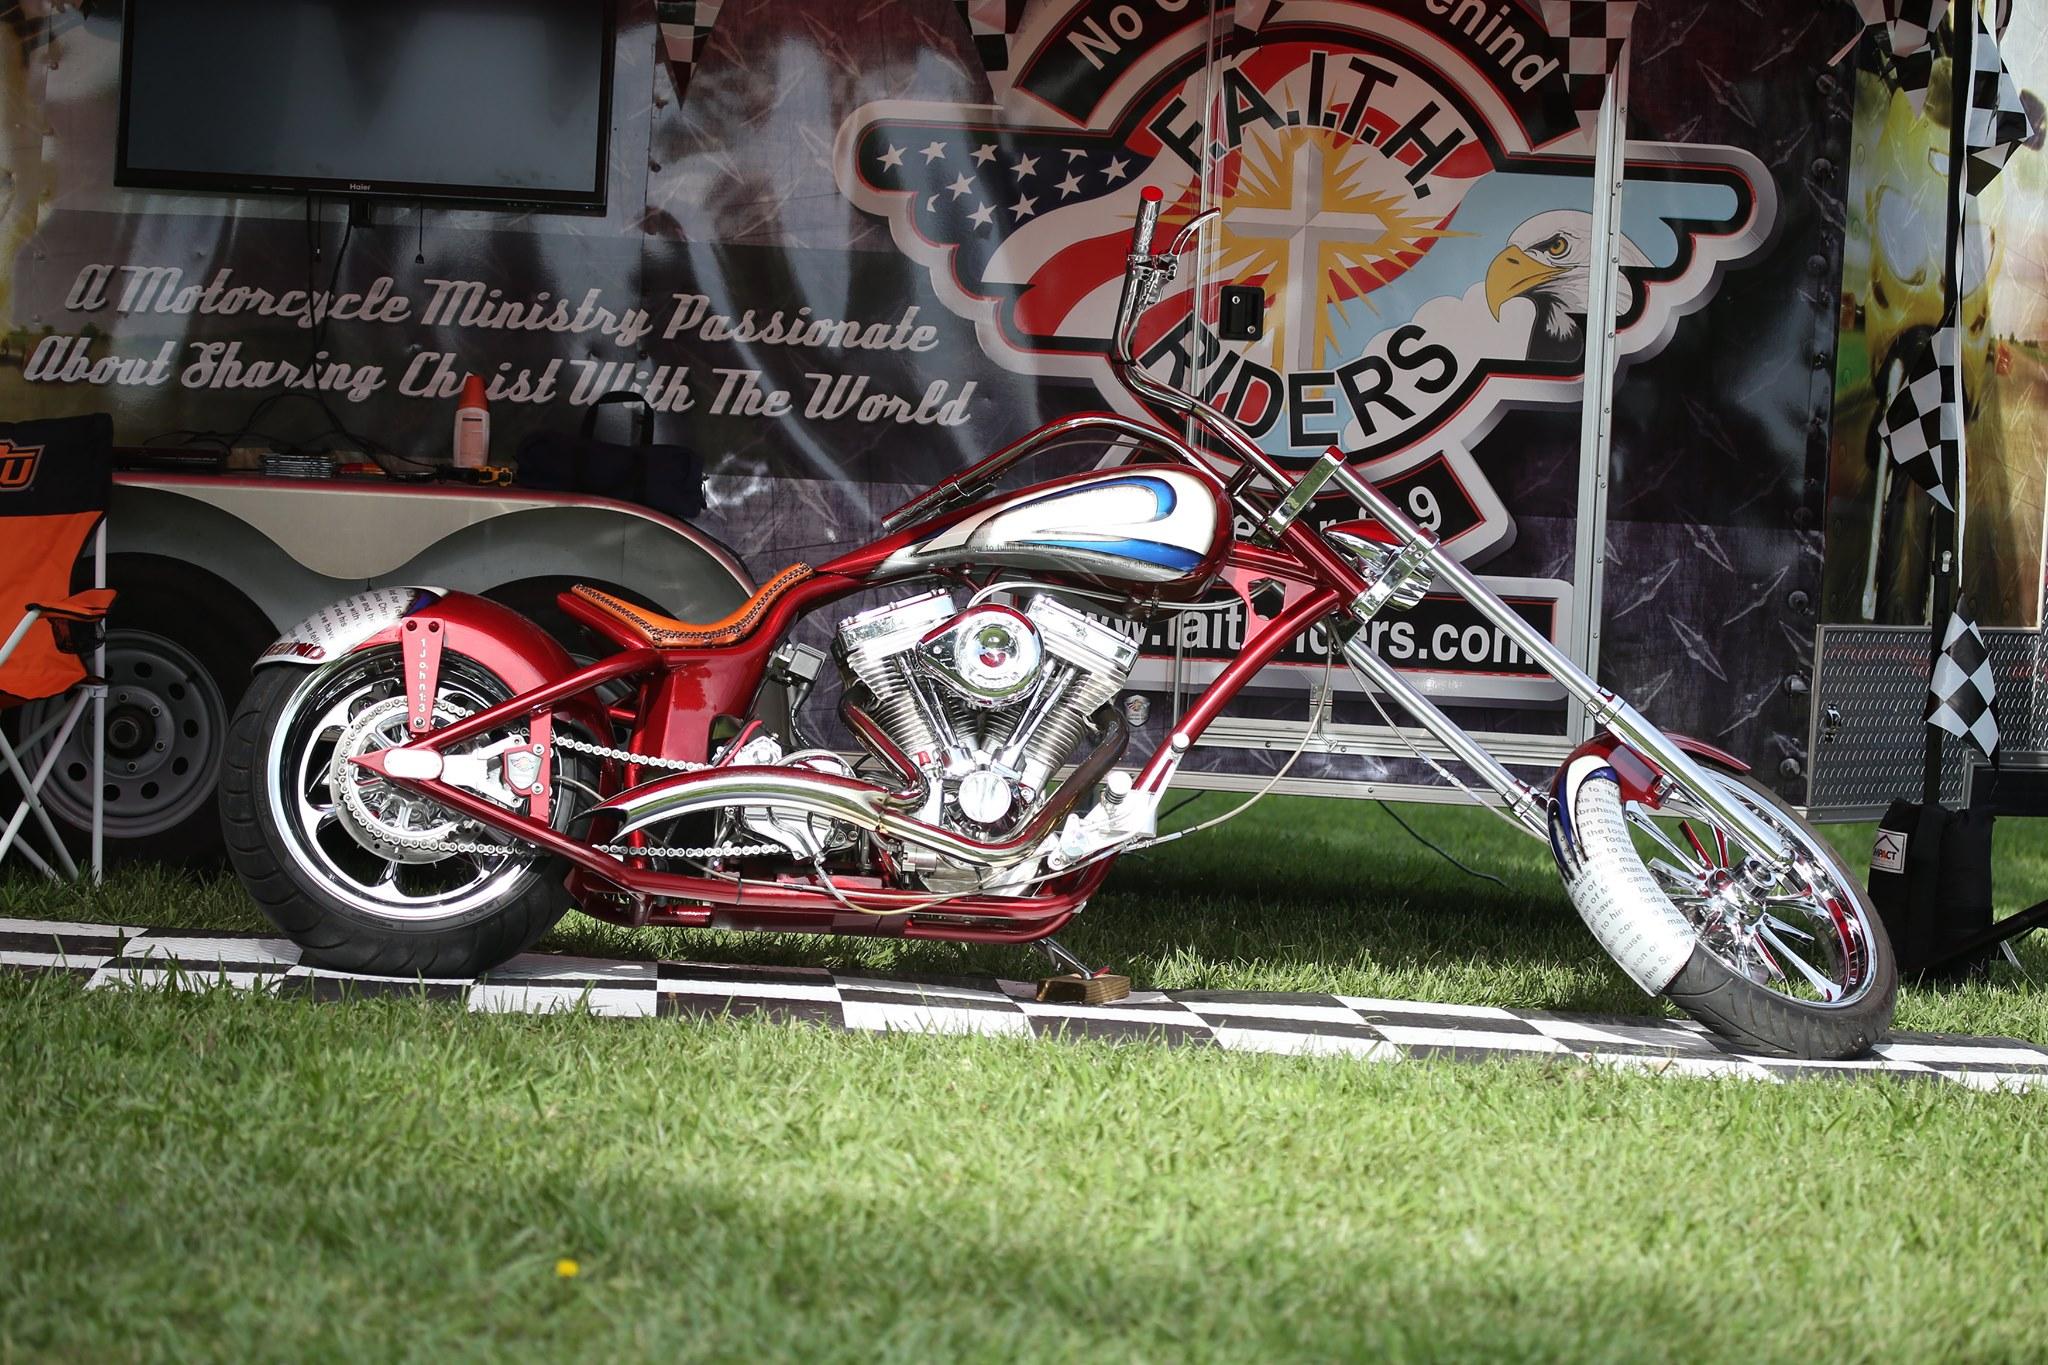 Oklahoma F.A.I.T.H. Riders